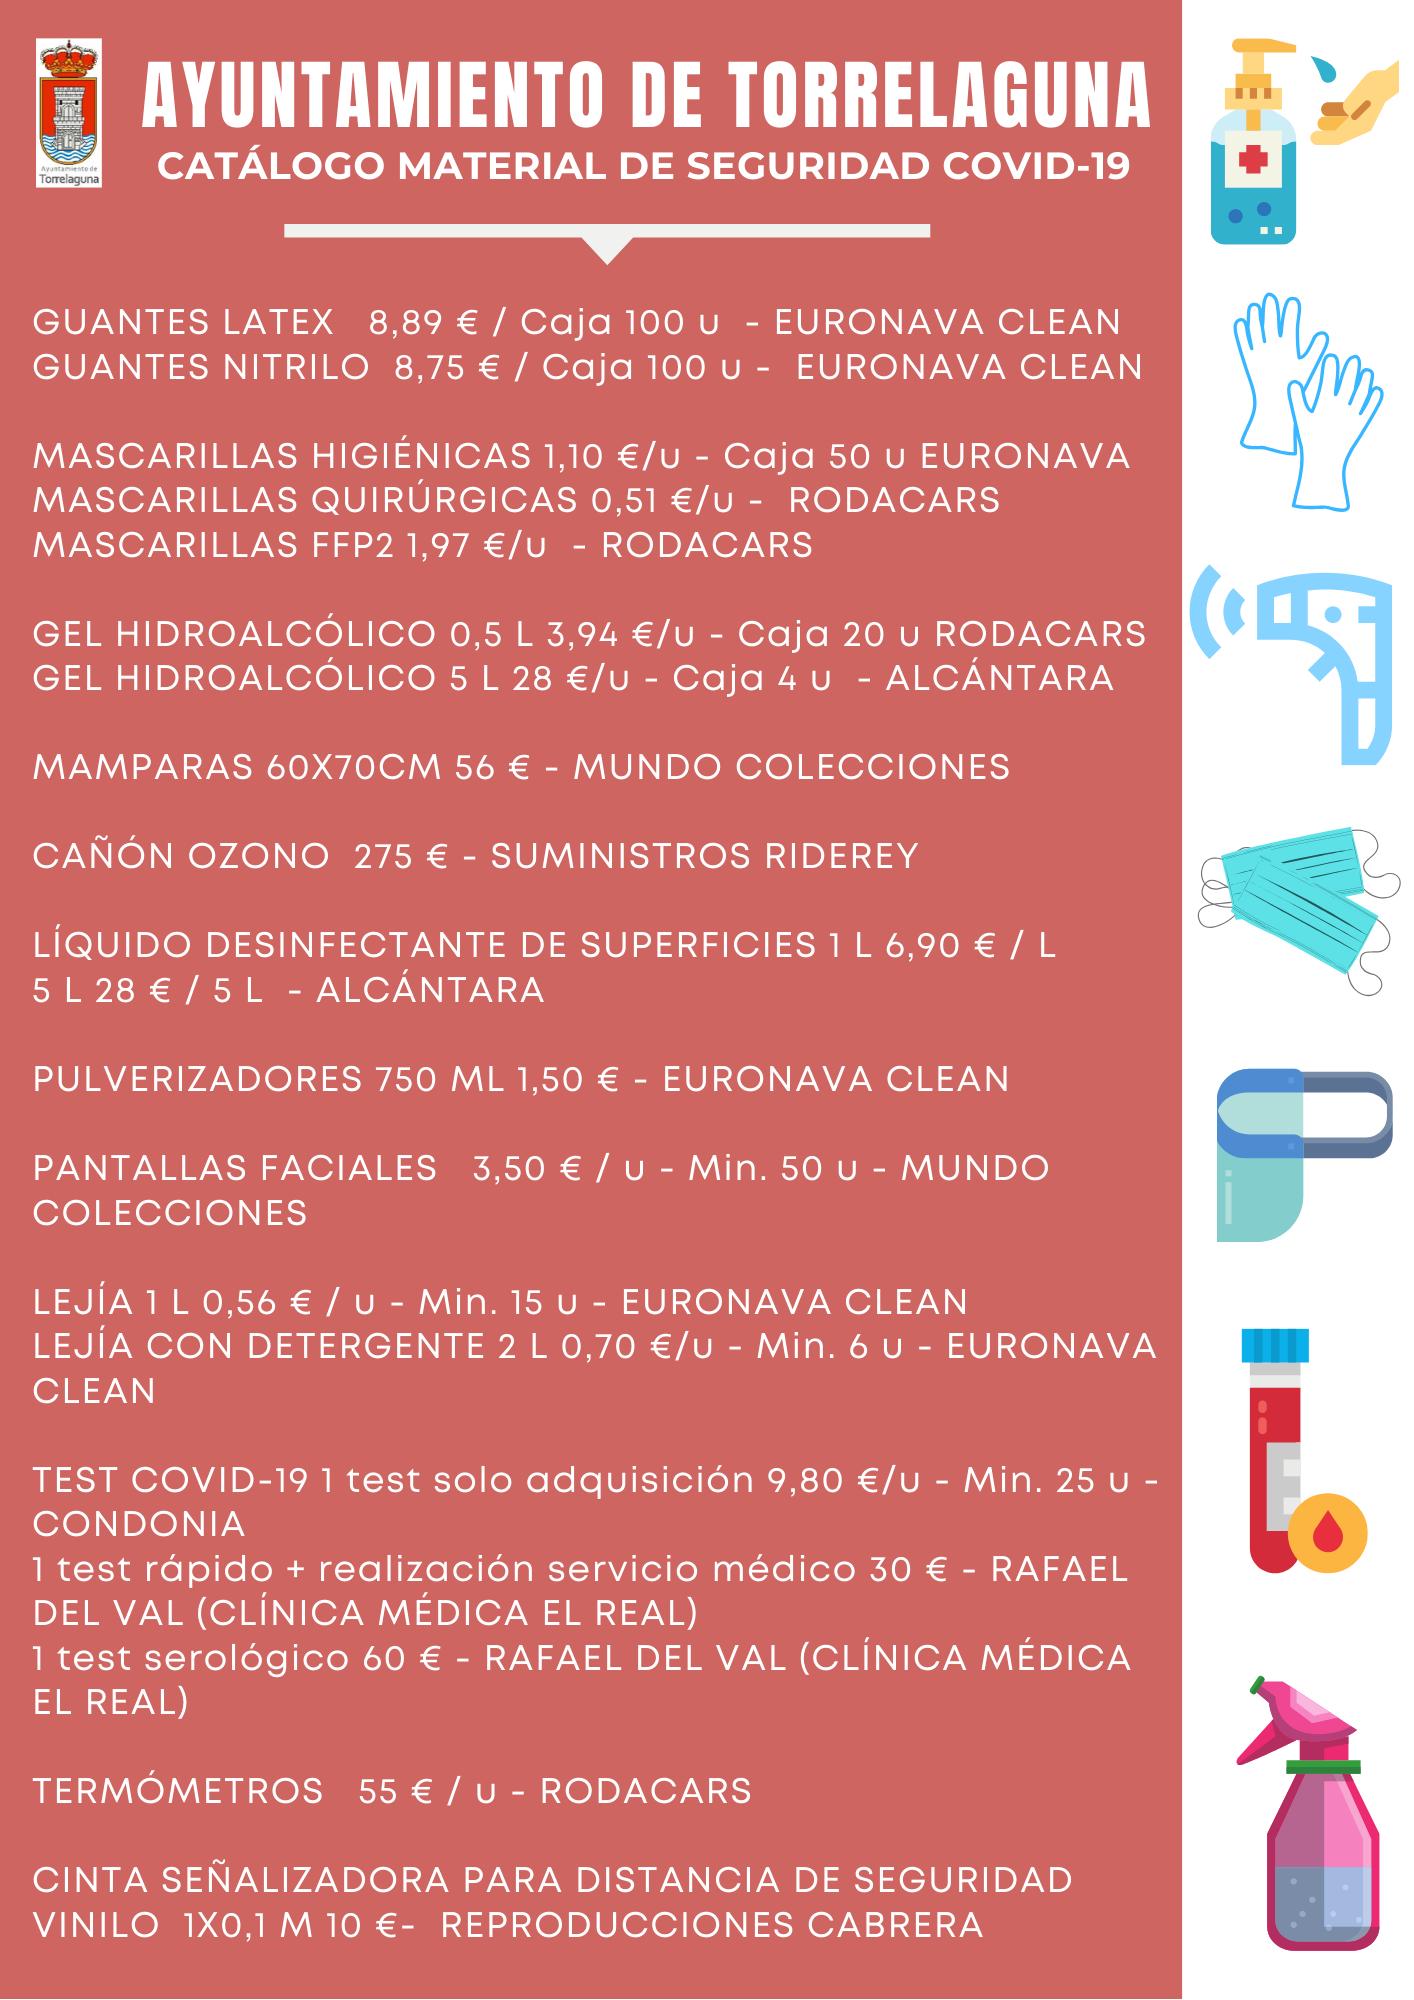 catálogo de material de seguridad COVID-19 Torrelaguna